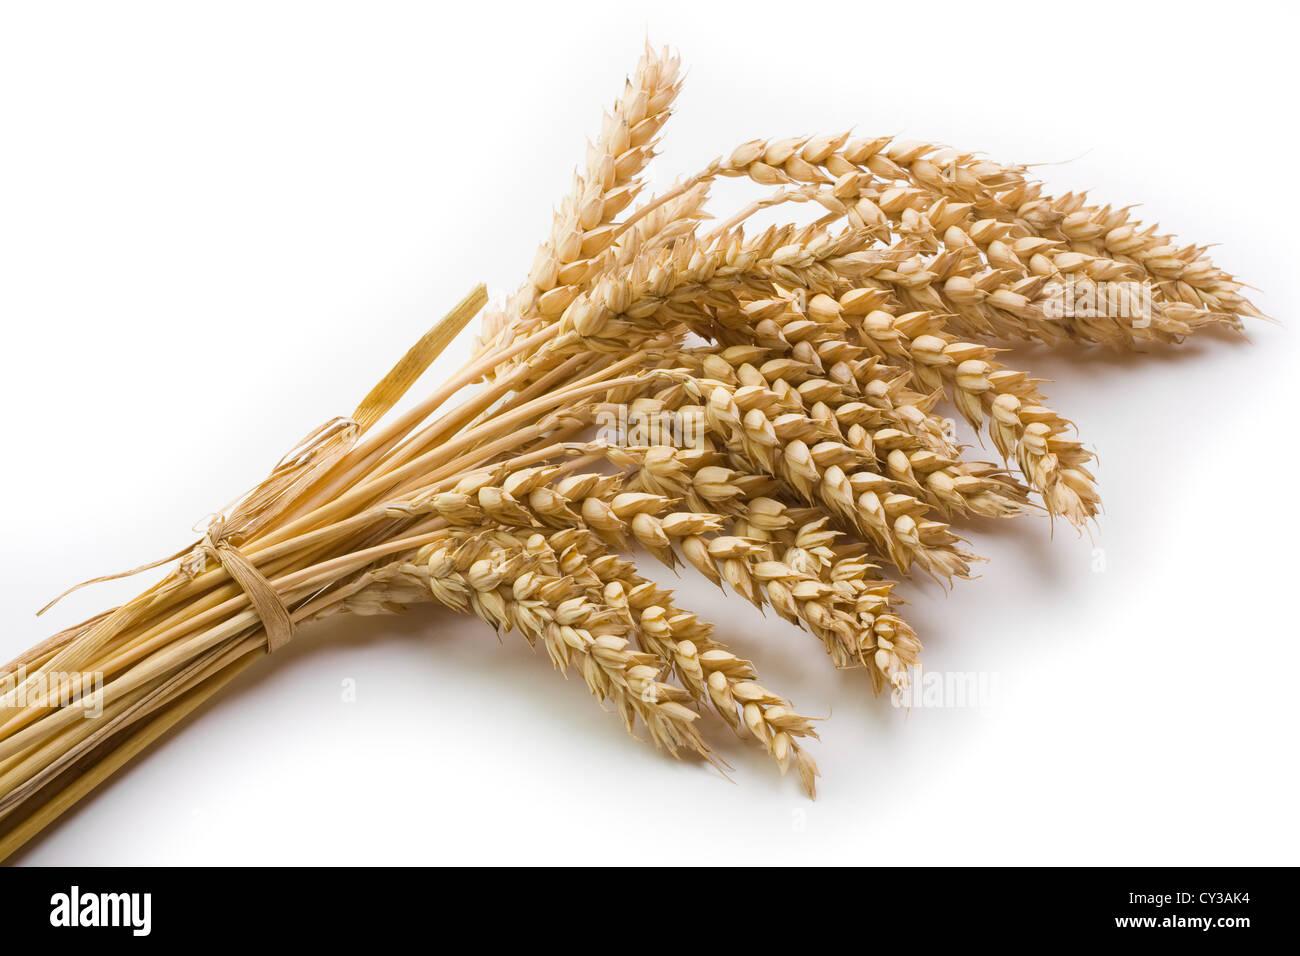 Cereali frumento e spike su sfondo lucido Immagini Stock